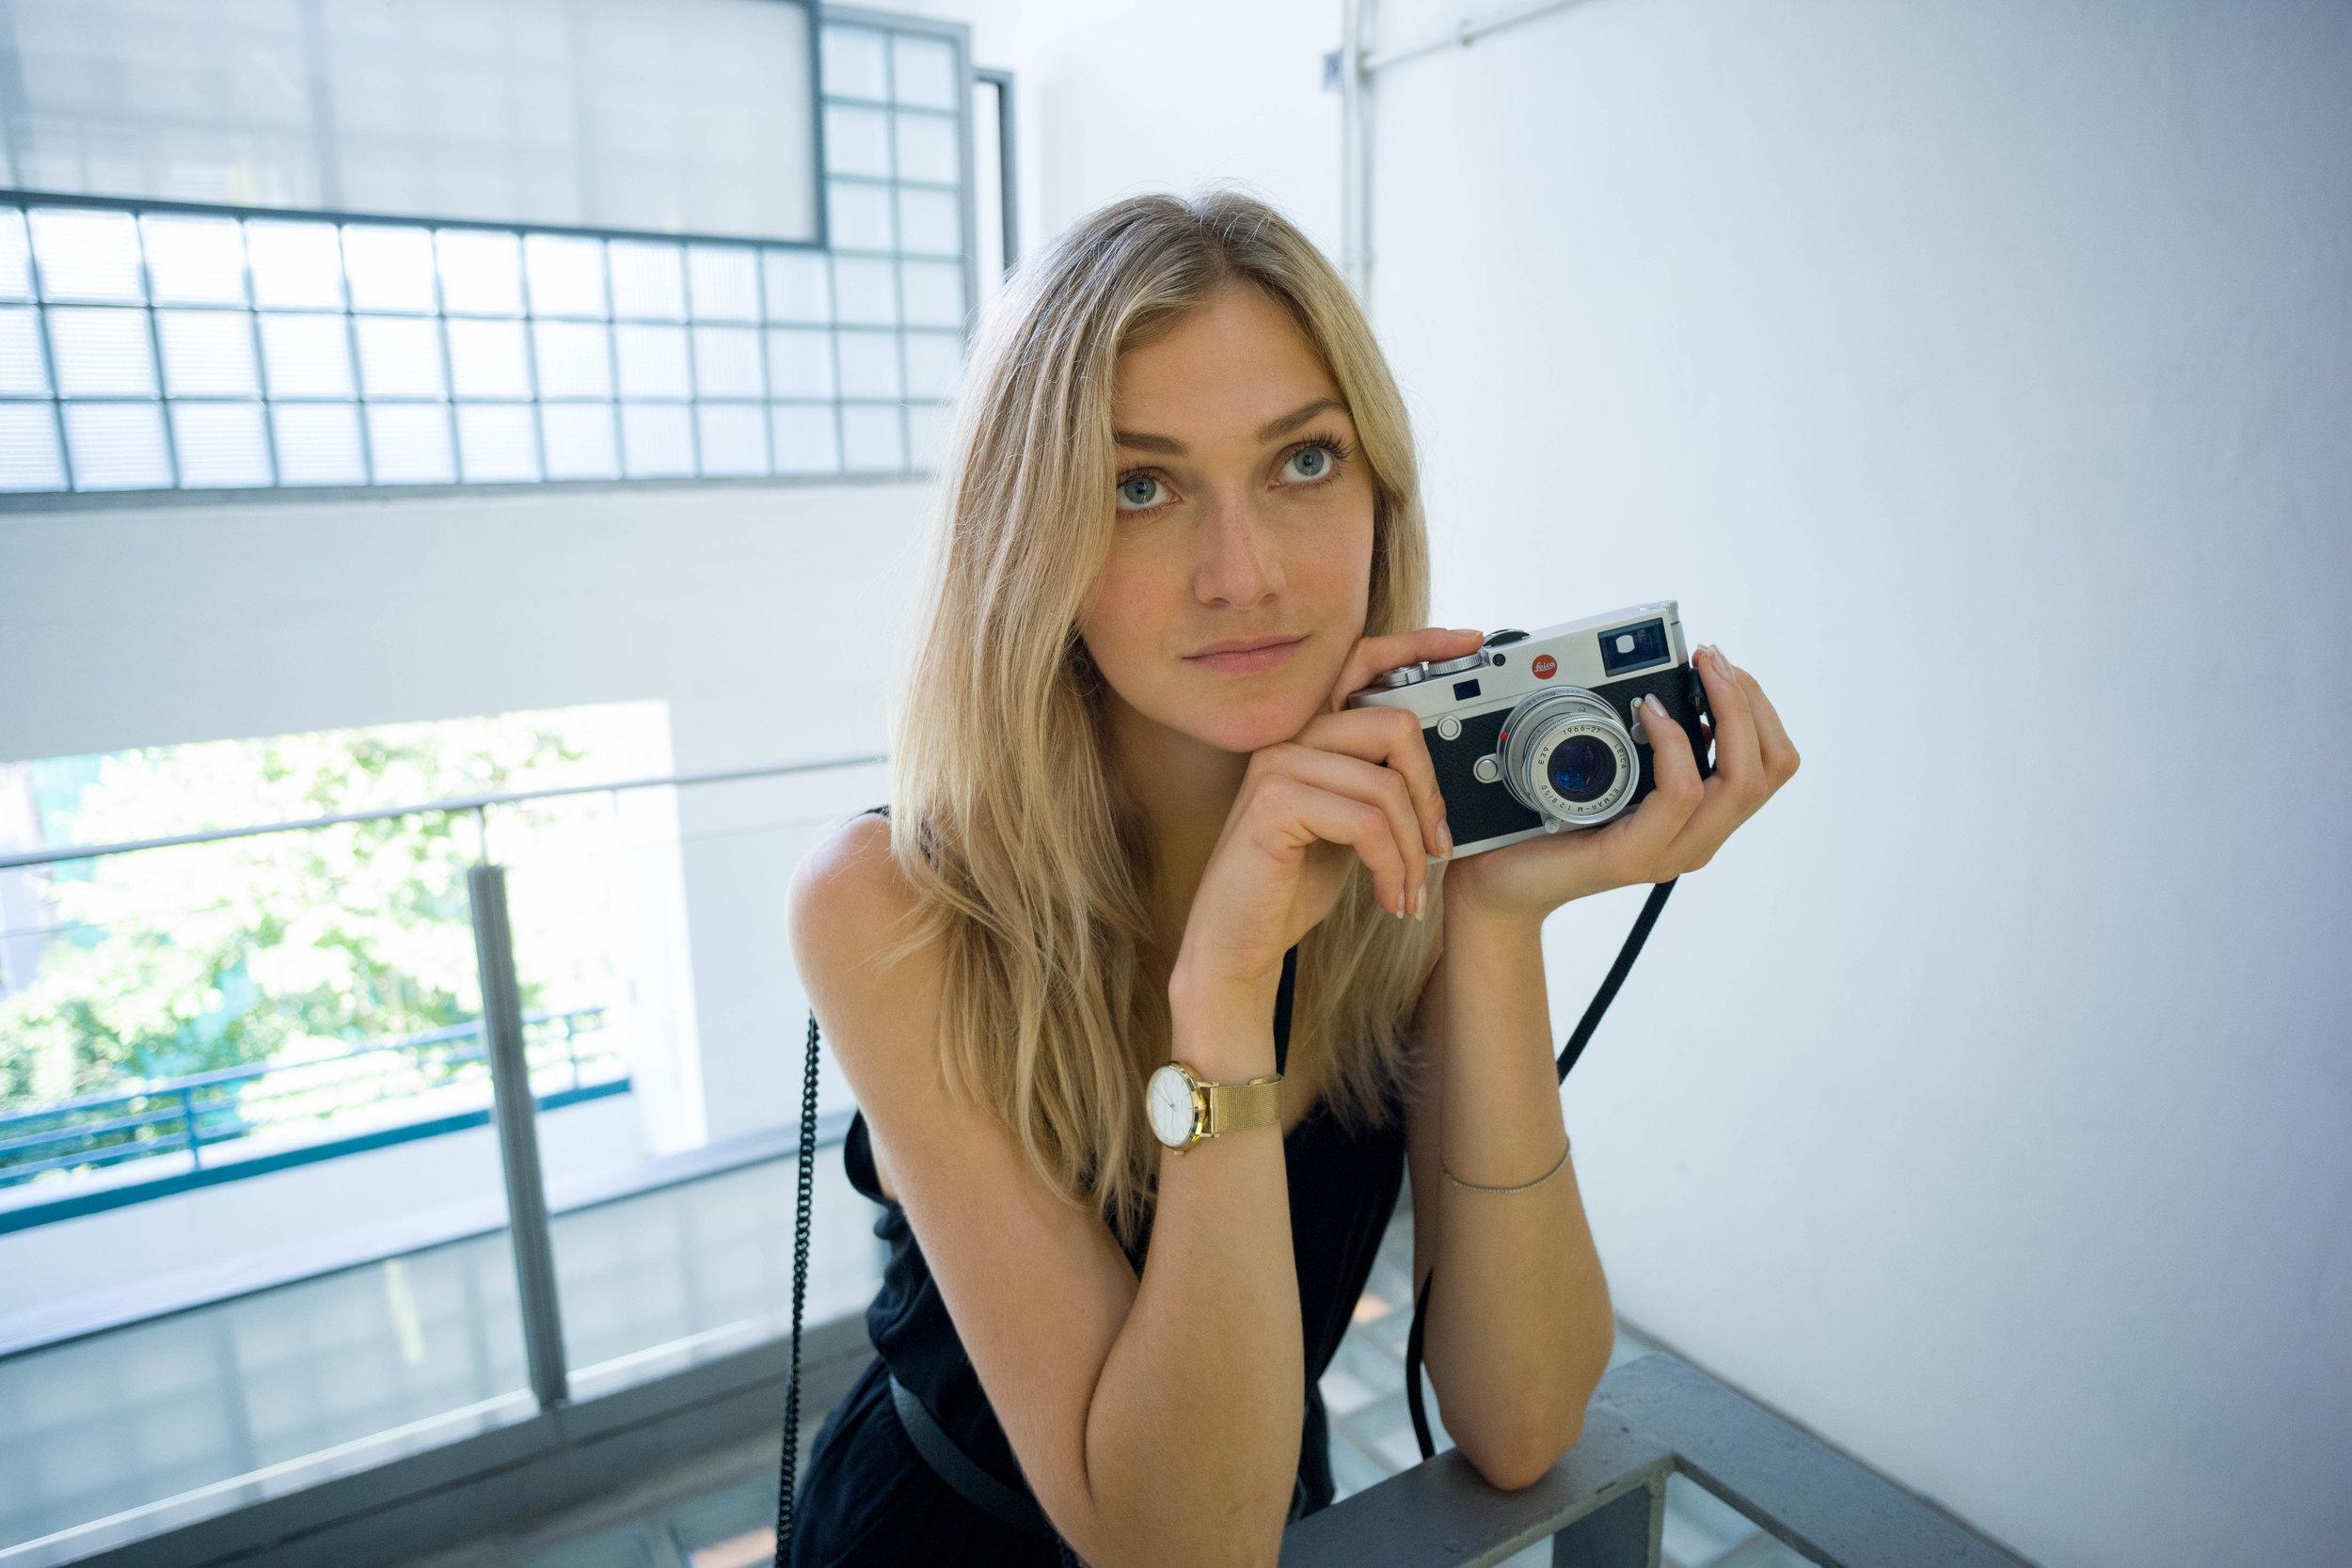 Leica M10-P + Voigtländer 21mm f/4 Color Skopar-M - ISO 1600, 1/125s, f/4- Similar framing